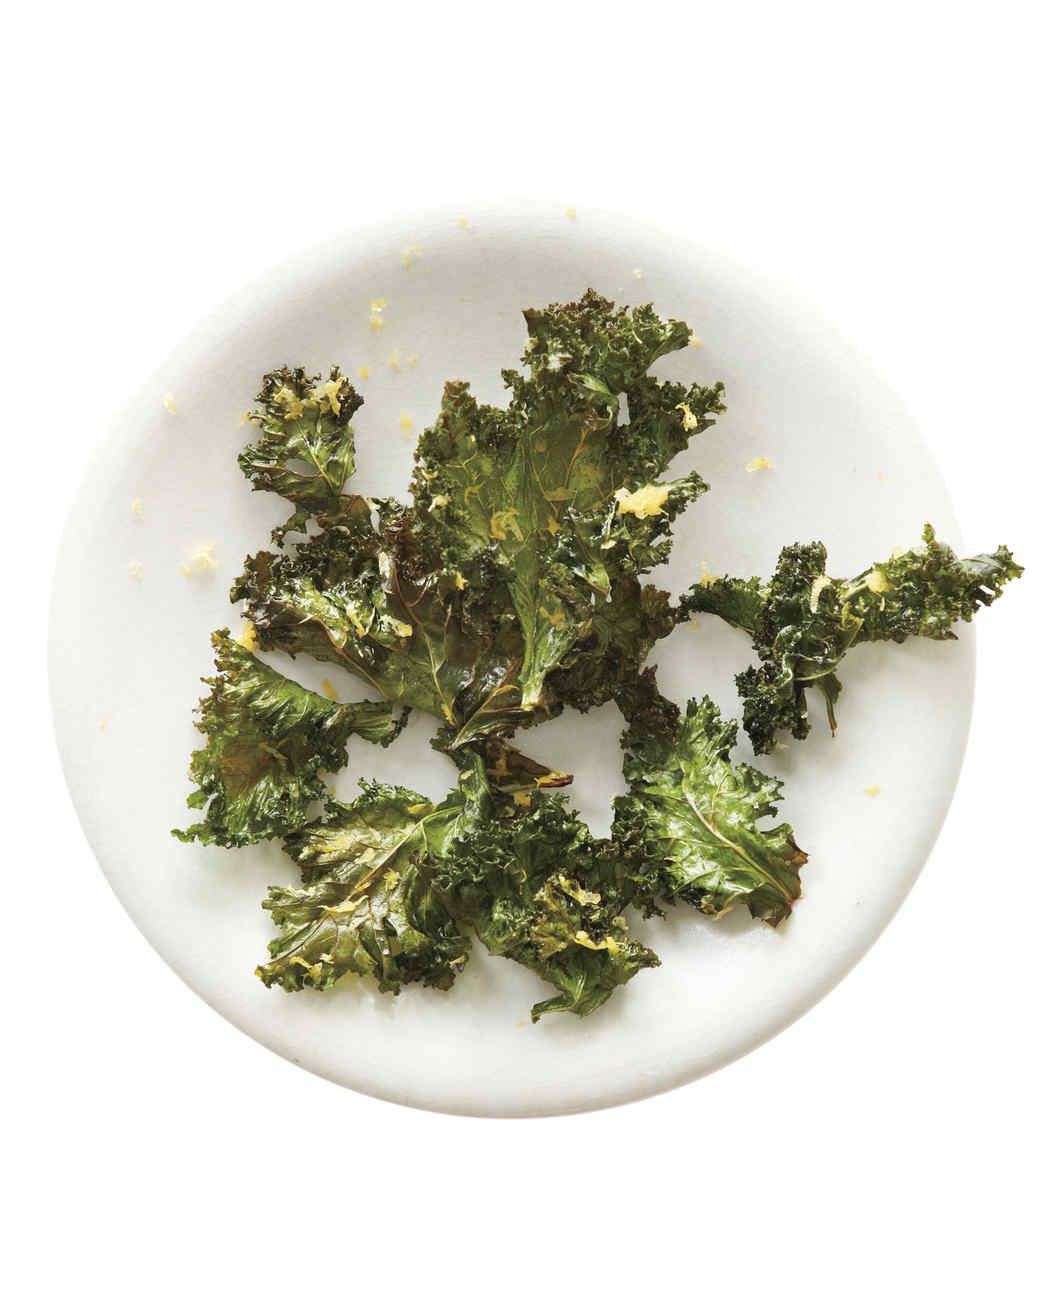 kale-chips-1011mbd107664.jpg